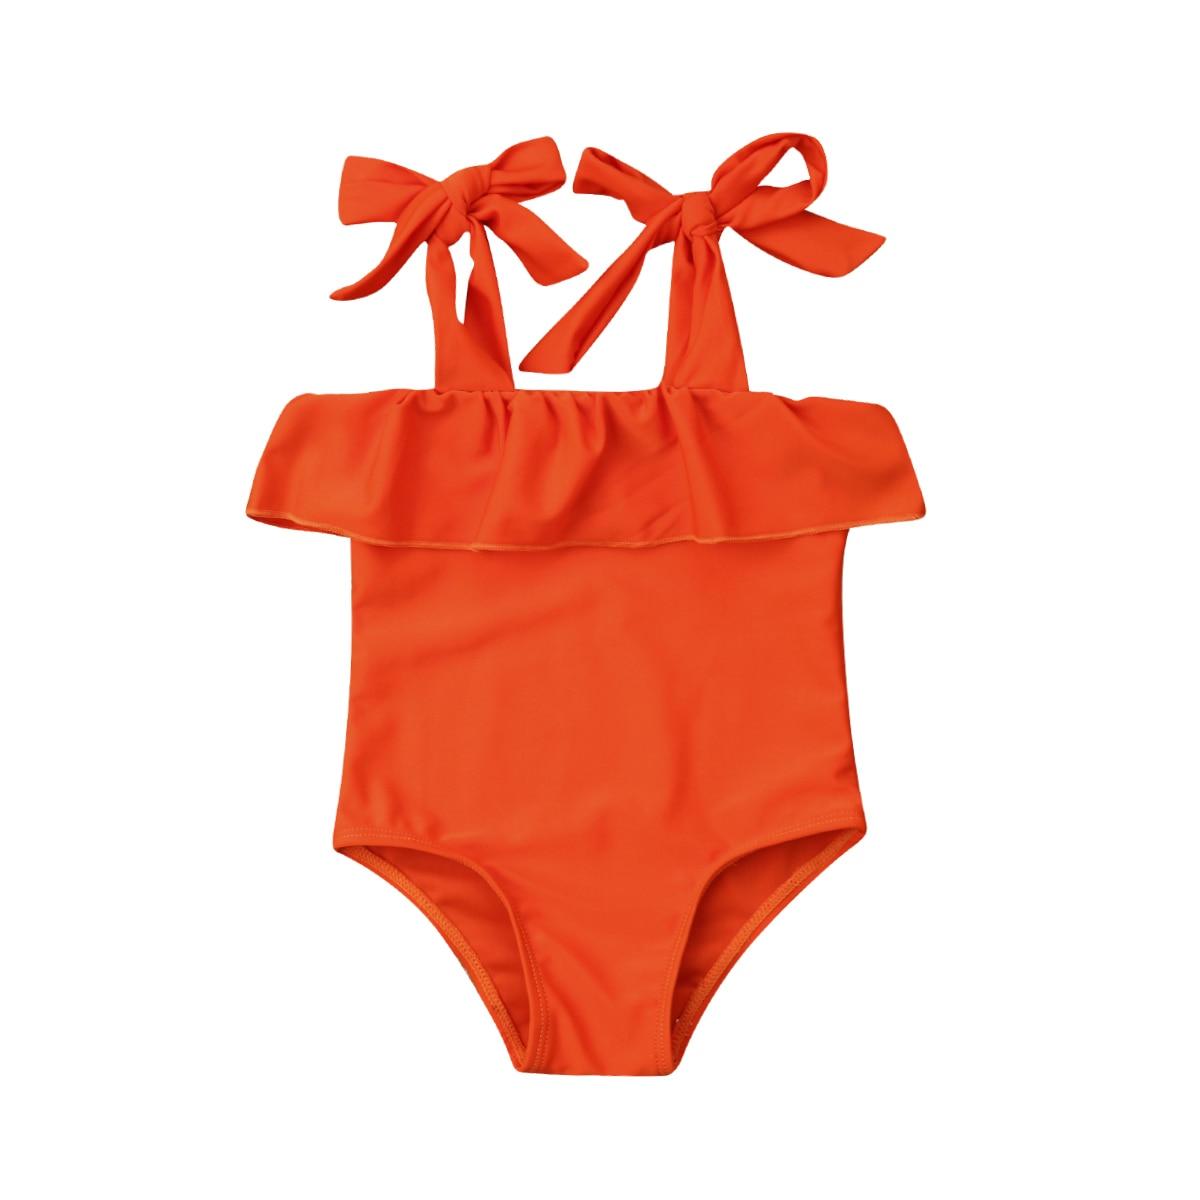 Little Girls Strap One-piece Swimsuit Newborn Kids Baby Girls Off-shoulder Orange Swimwear Swimsuits Beachwear Bathing Suit 0-5T